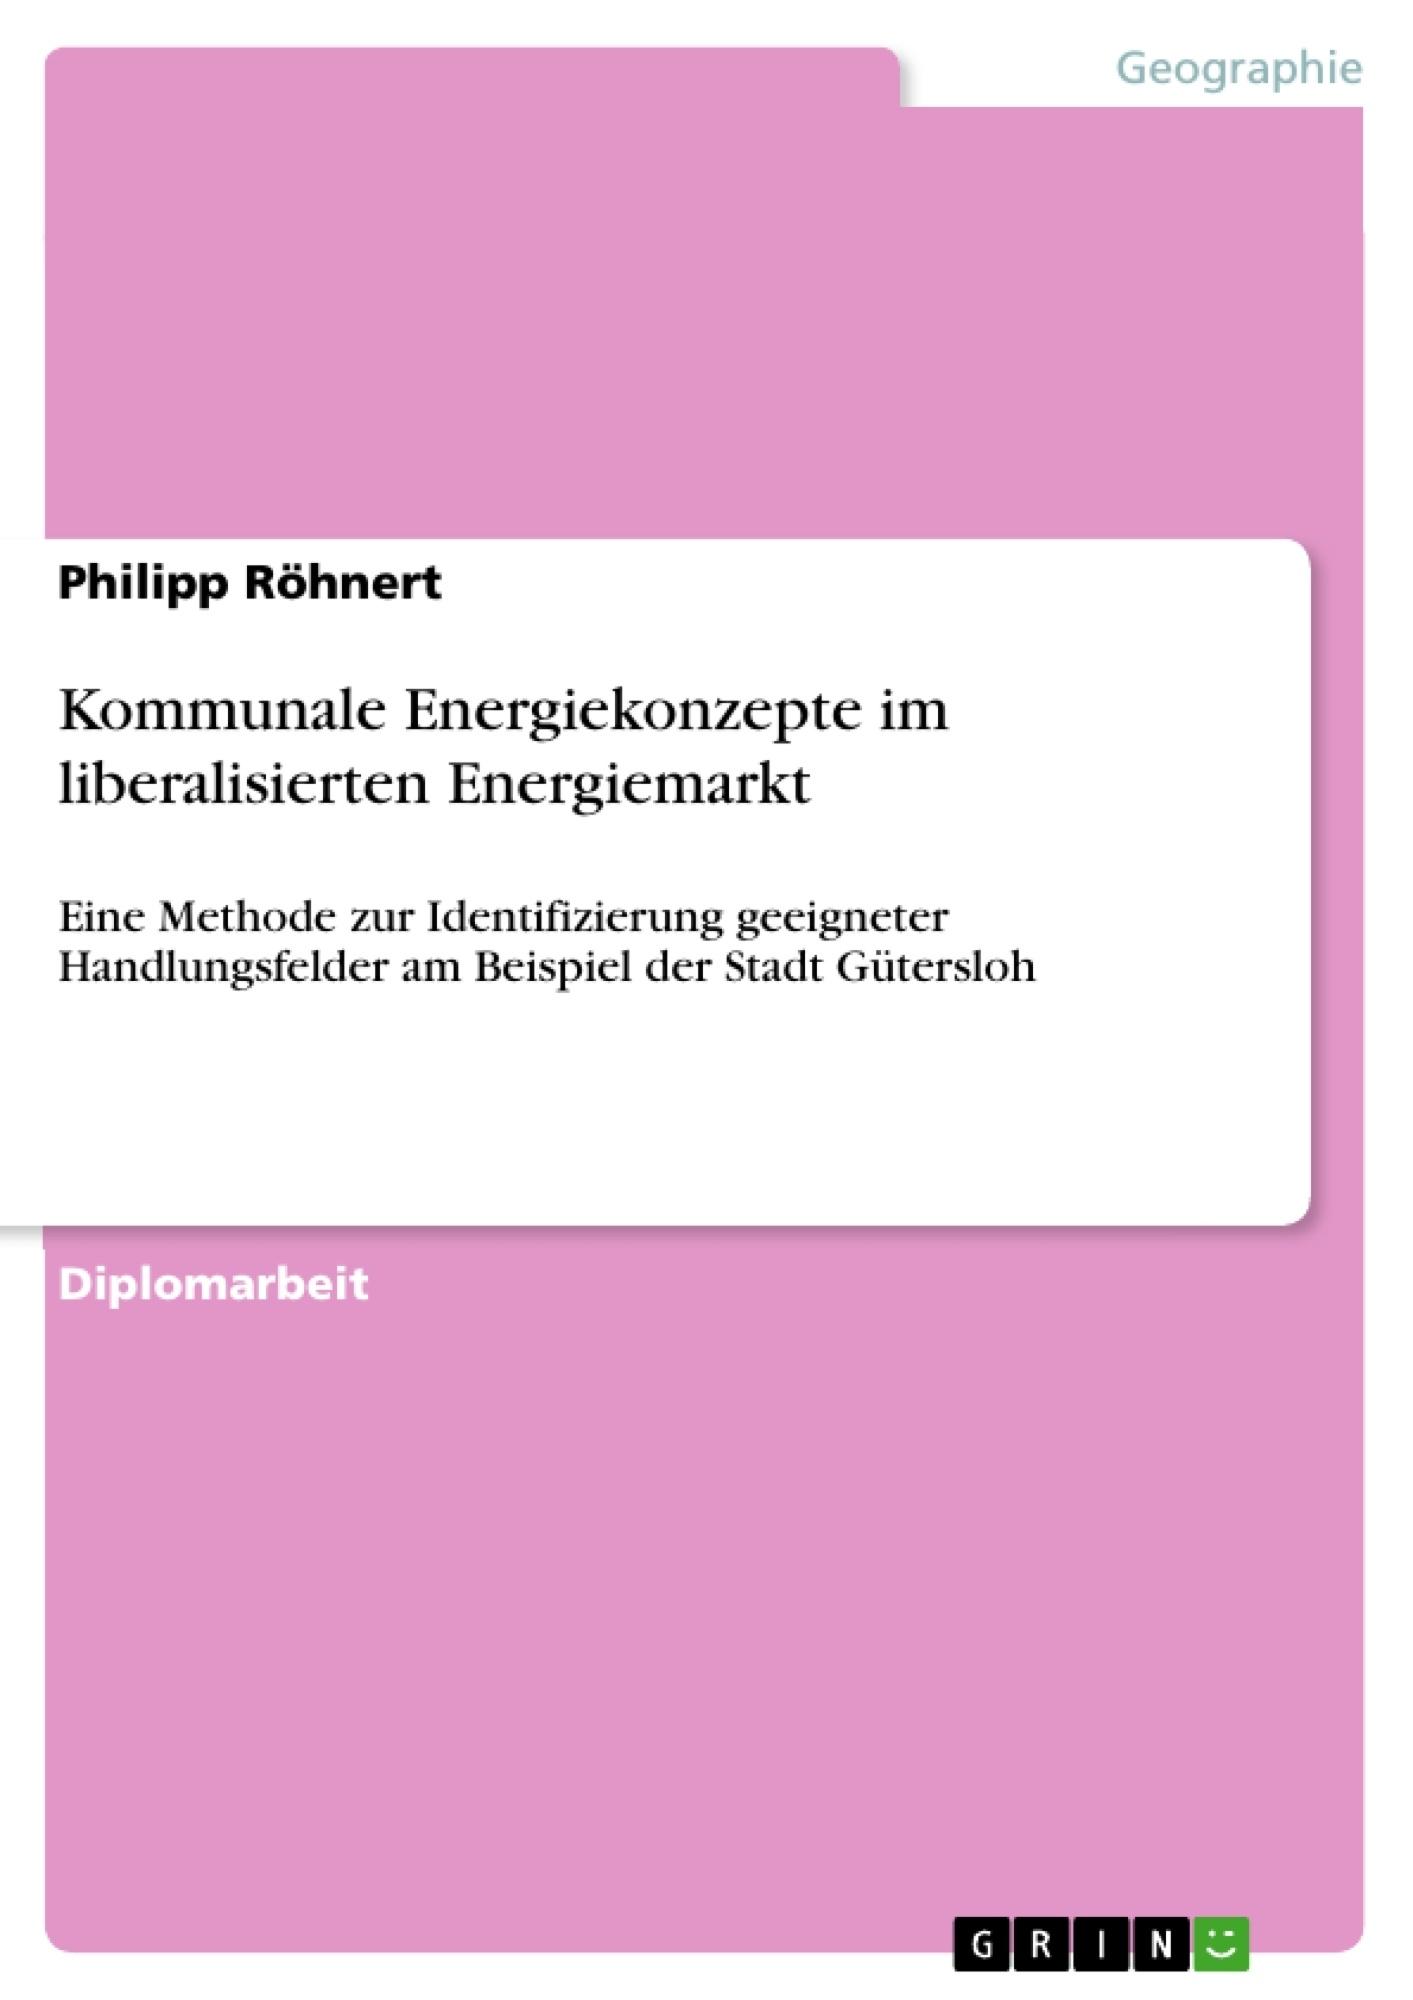 Titel: Kommunale Energiekonzepte im liberalisierten Energiemarkt